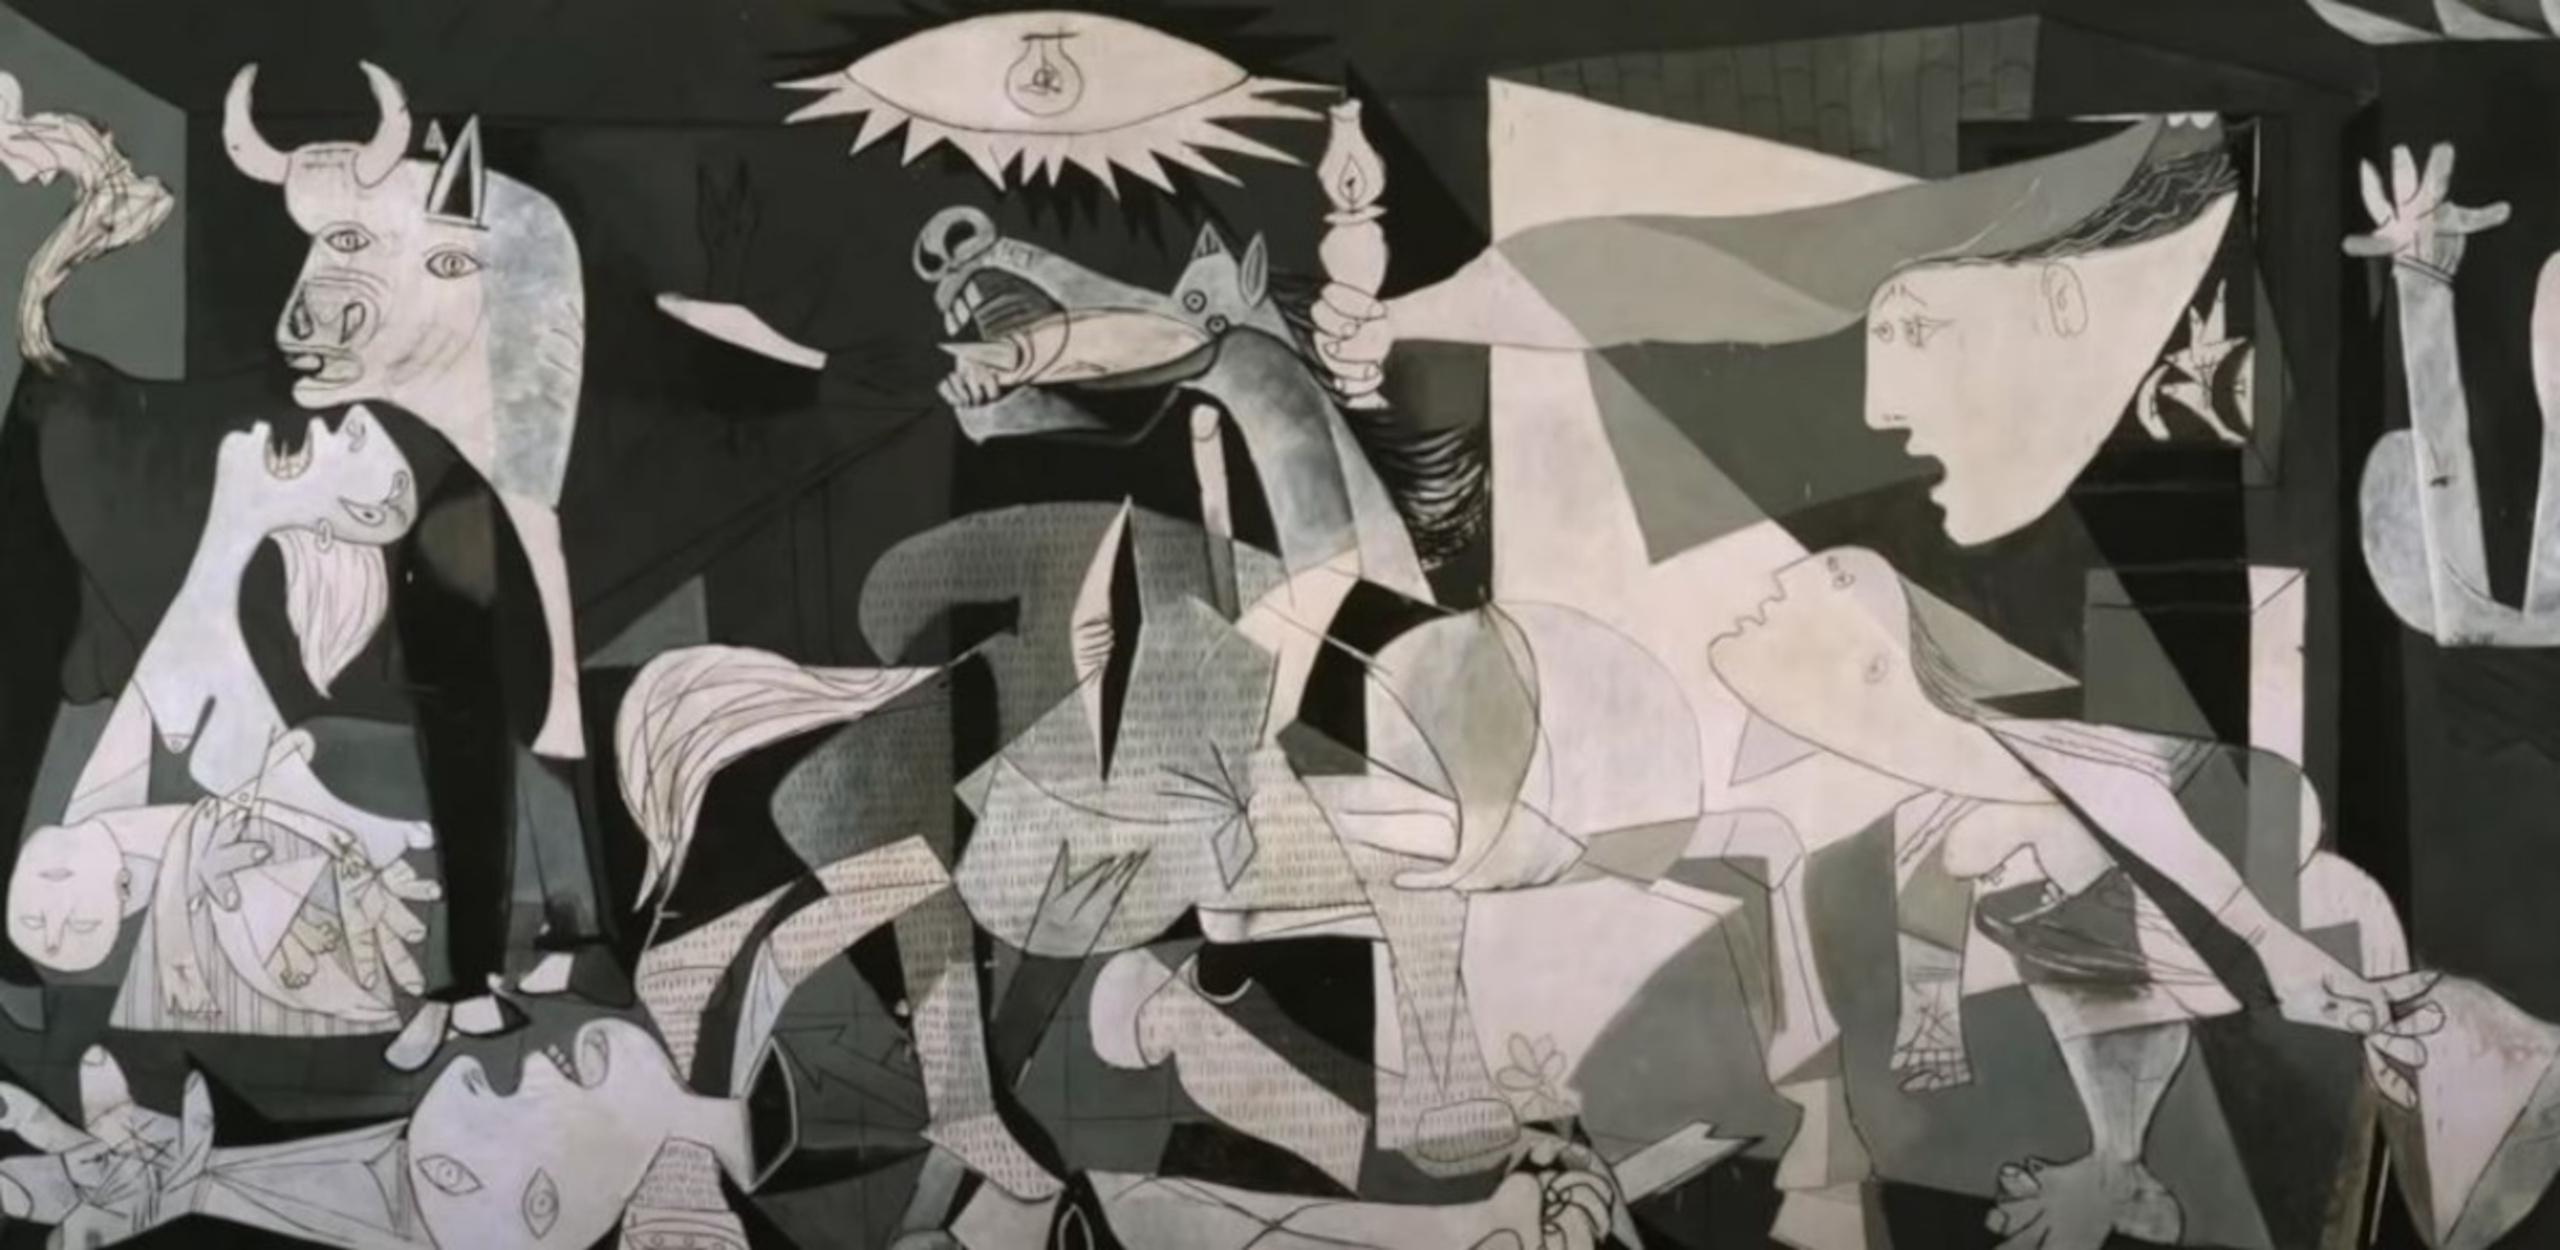 Οι ΗΠΑ δε θα ζητήσουν από τους Ροκφέλερ να επιστρέψουν την ταπετσαρία με την Γκουέρνικα στον ΟΗΕ